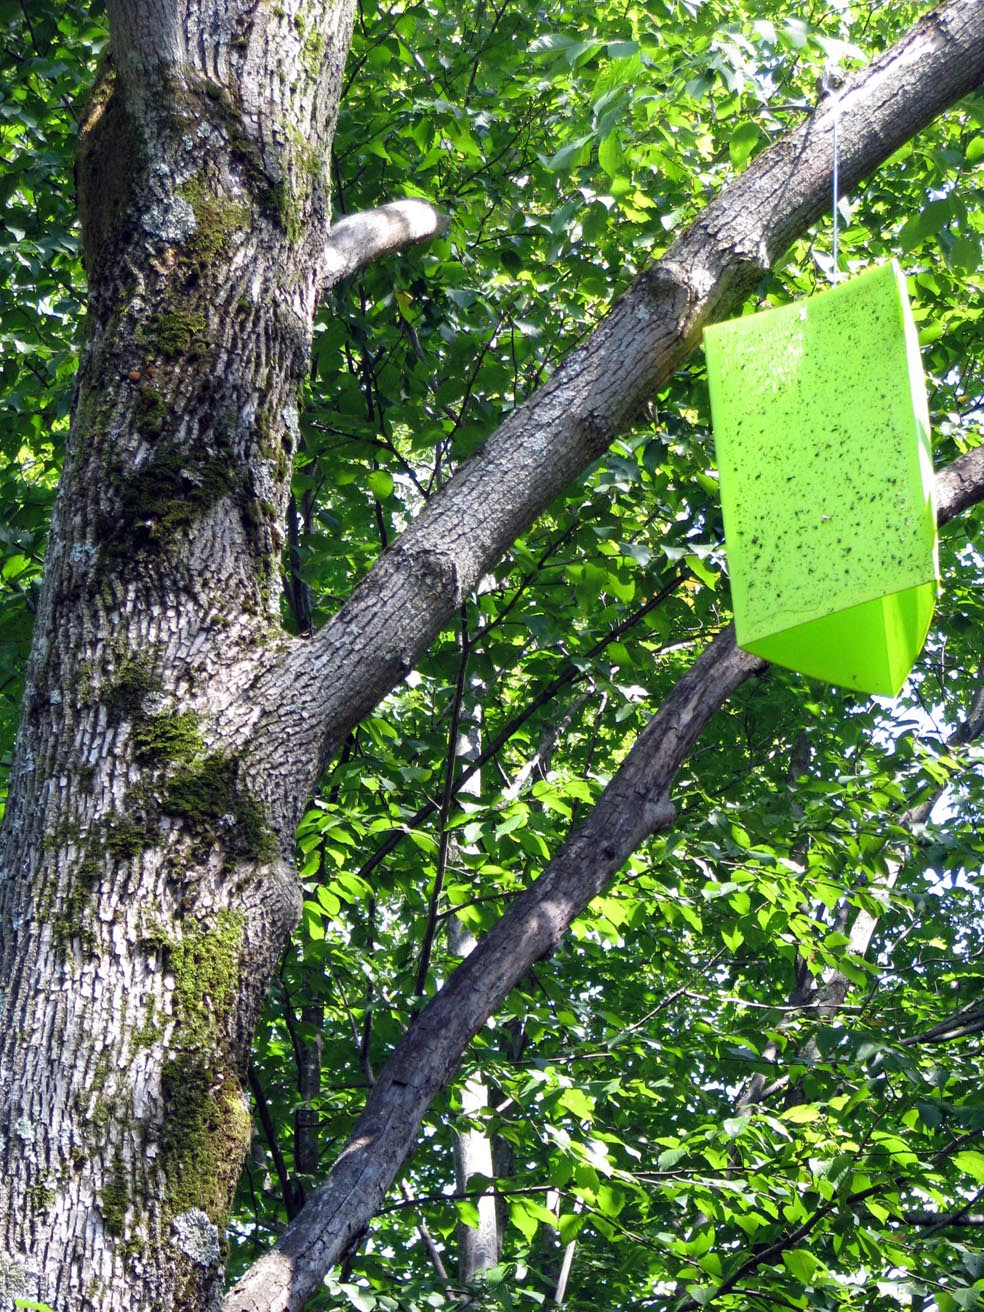 L agrile du fr ne et le transport du bois de chauffage par la client le blogue de conservation - Bois de chauffage frene ...